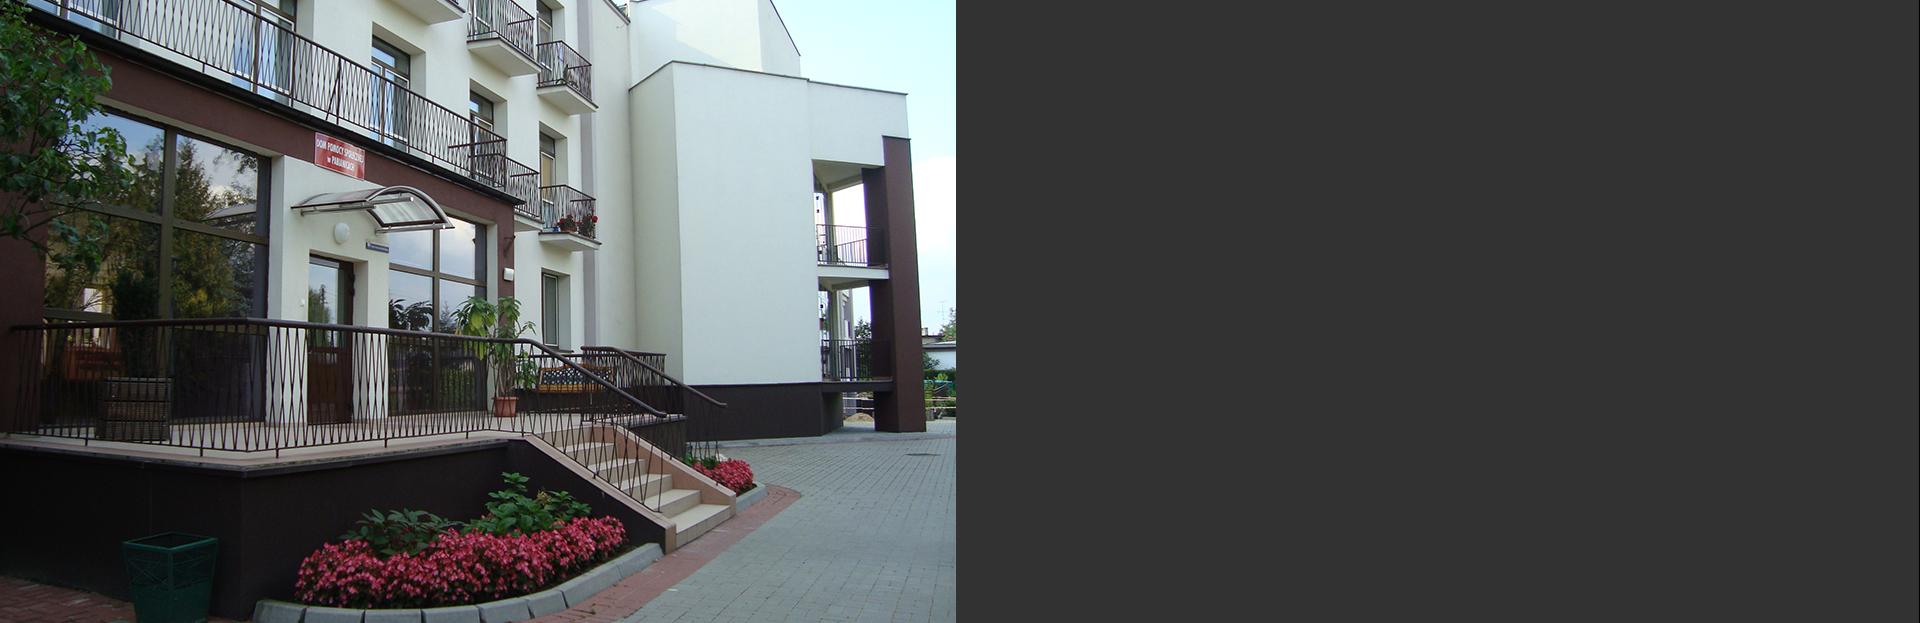 Dom przy ul. Wiejskiej: front budynku domu pomocy społecznej przy ul. Wiejskiej.